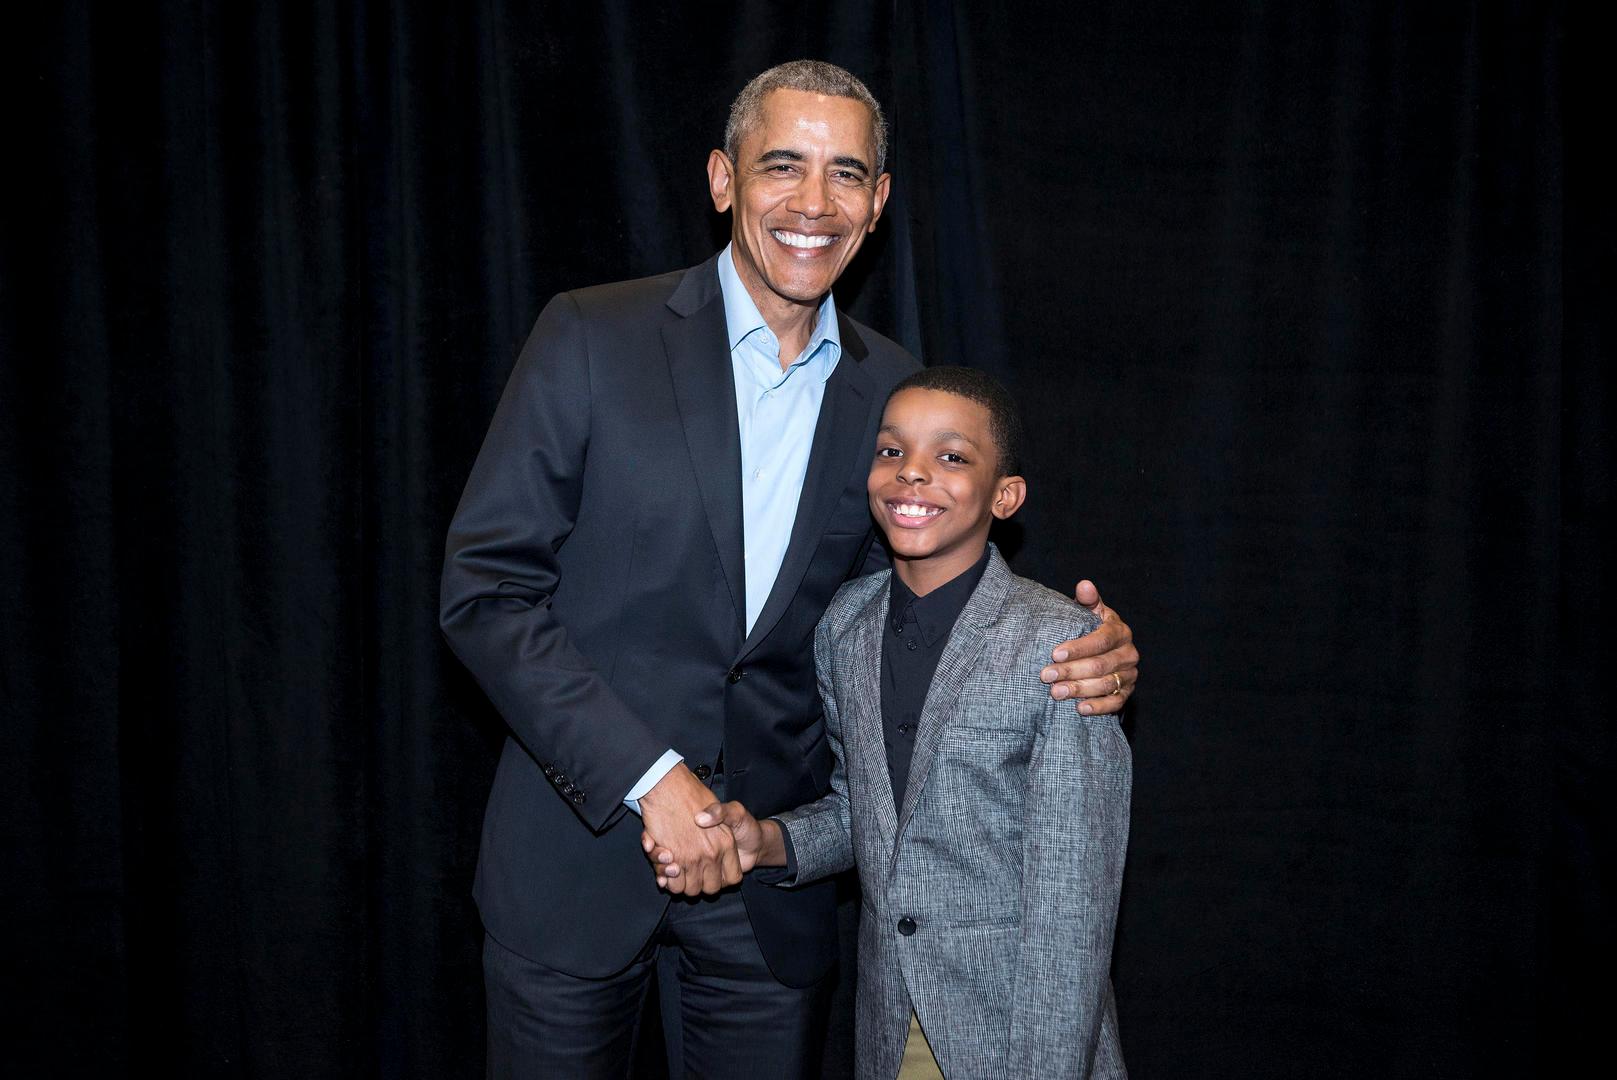 President Obama & Jahkil